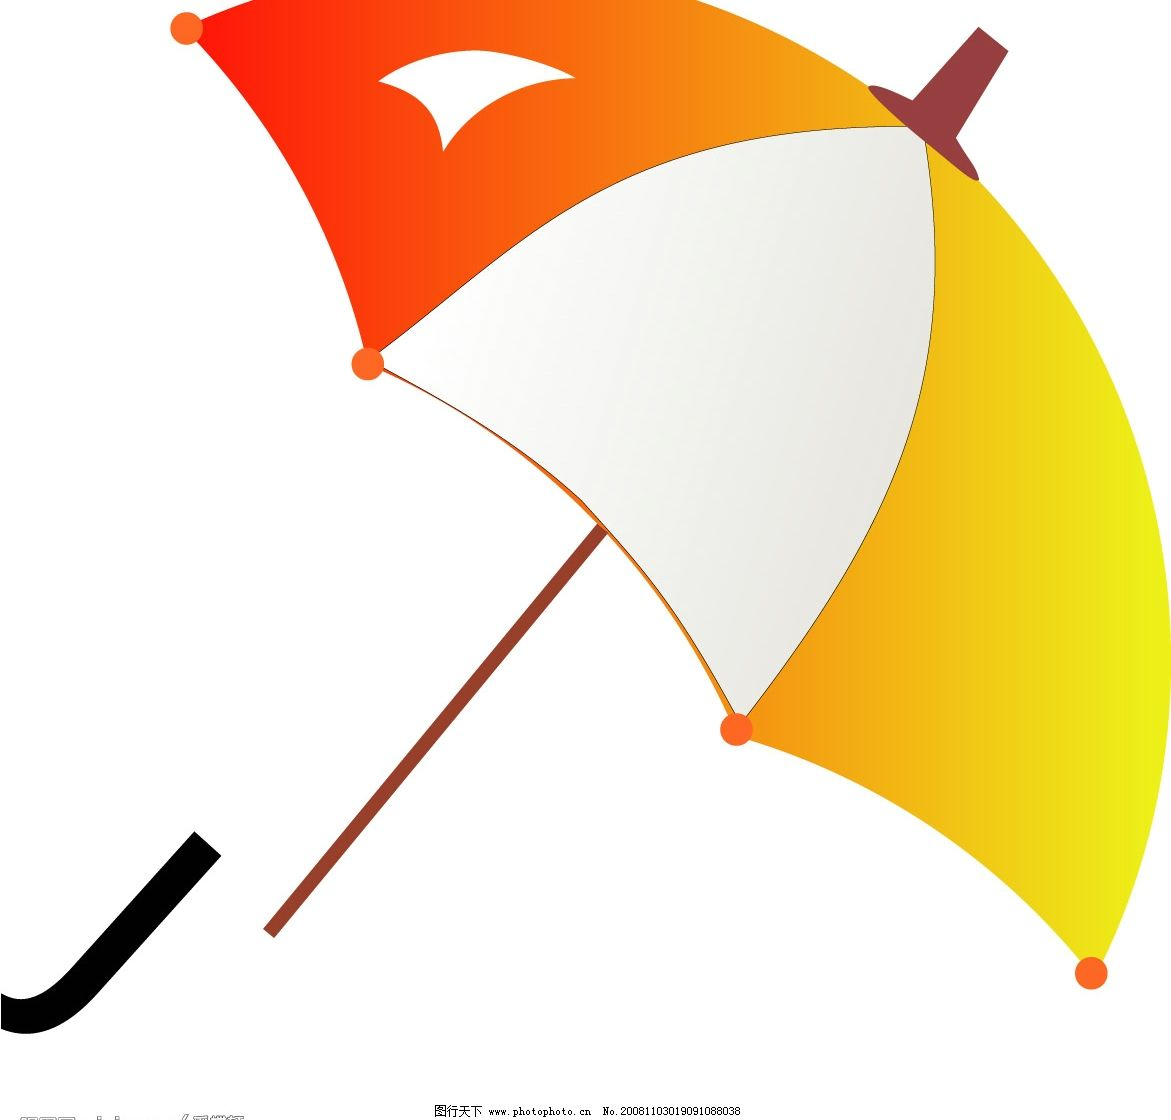 雨伞 爱心伞 护心伞 关心伞 文化艺术 美术绘画 矢量图库 cdr